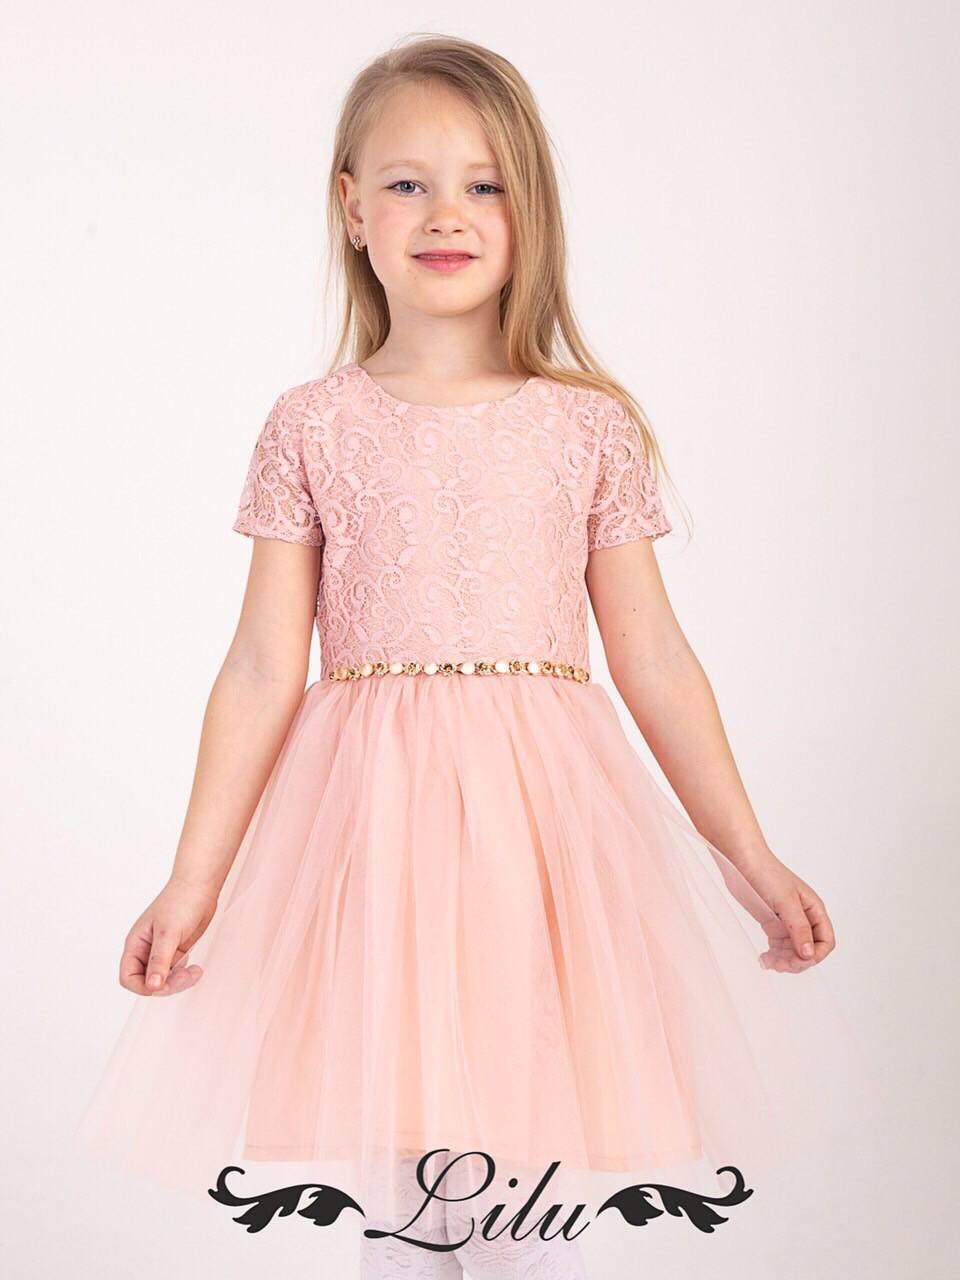 a6bbce71df6 Детское платье для девочки 5-8 лет нарядное - Интернет-магазин